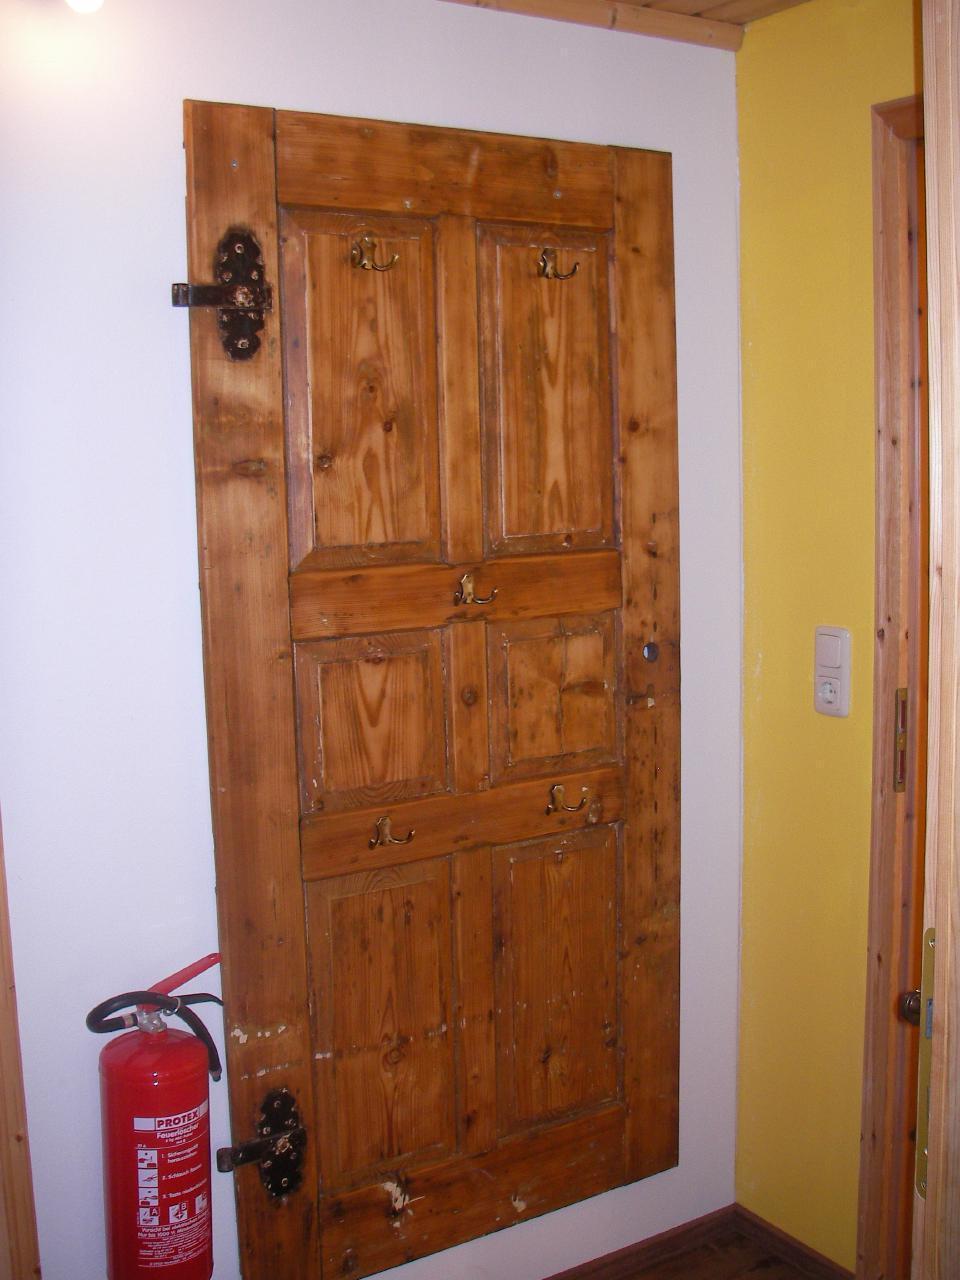 Ferienwohnung Haus Hilde Wohnung 2 (993407), Presseck, Frankenwald, Bayern, Deutschland, Bild 20